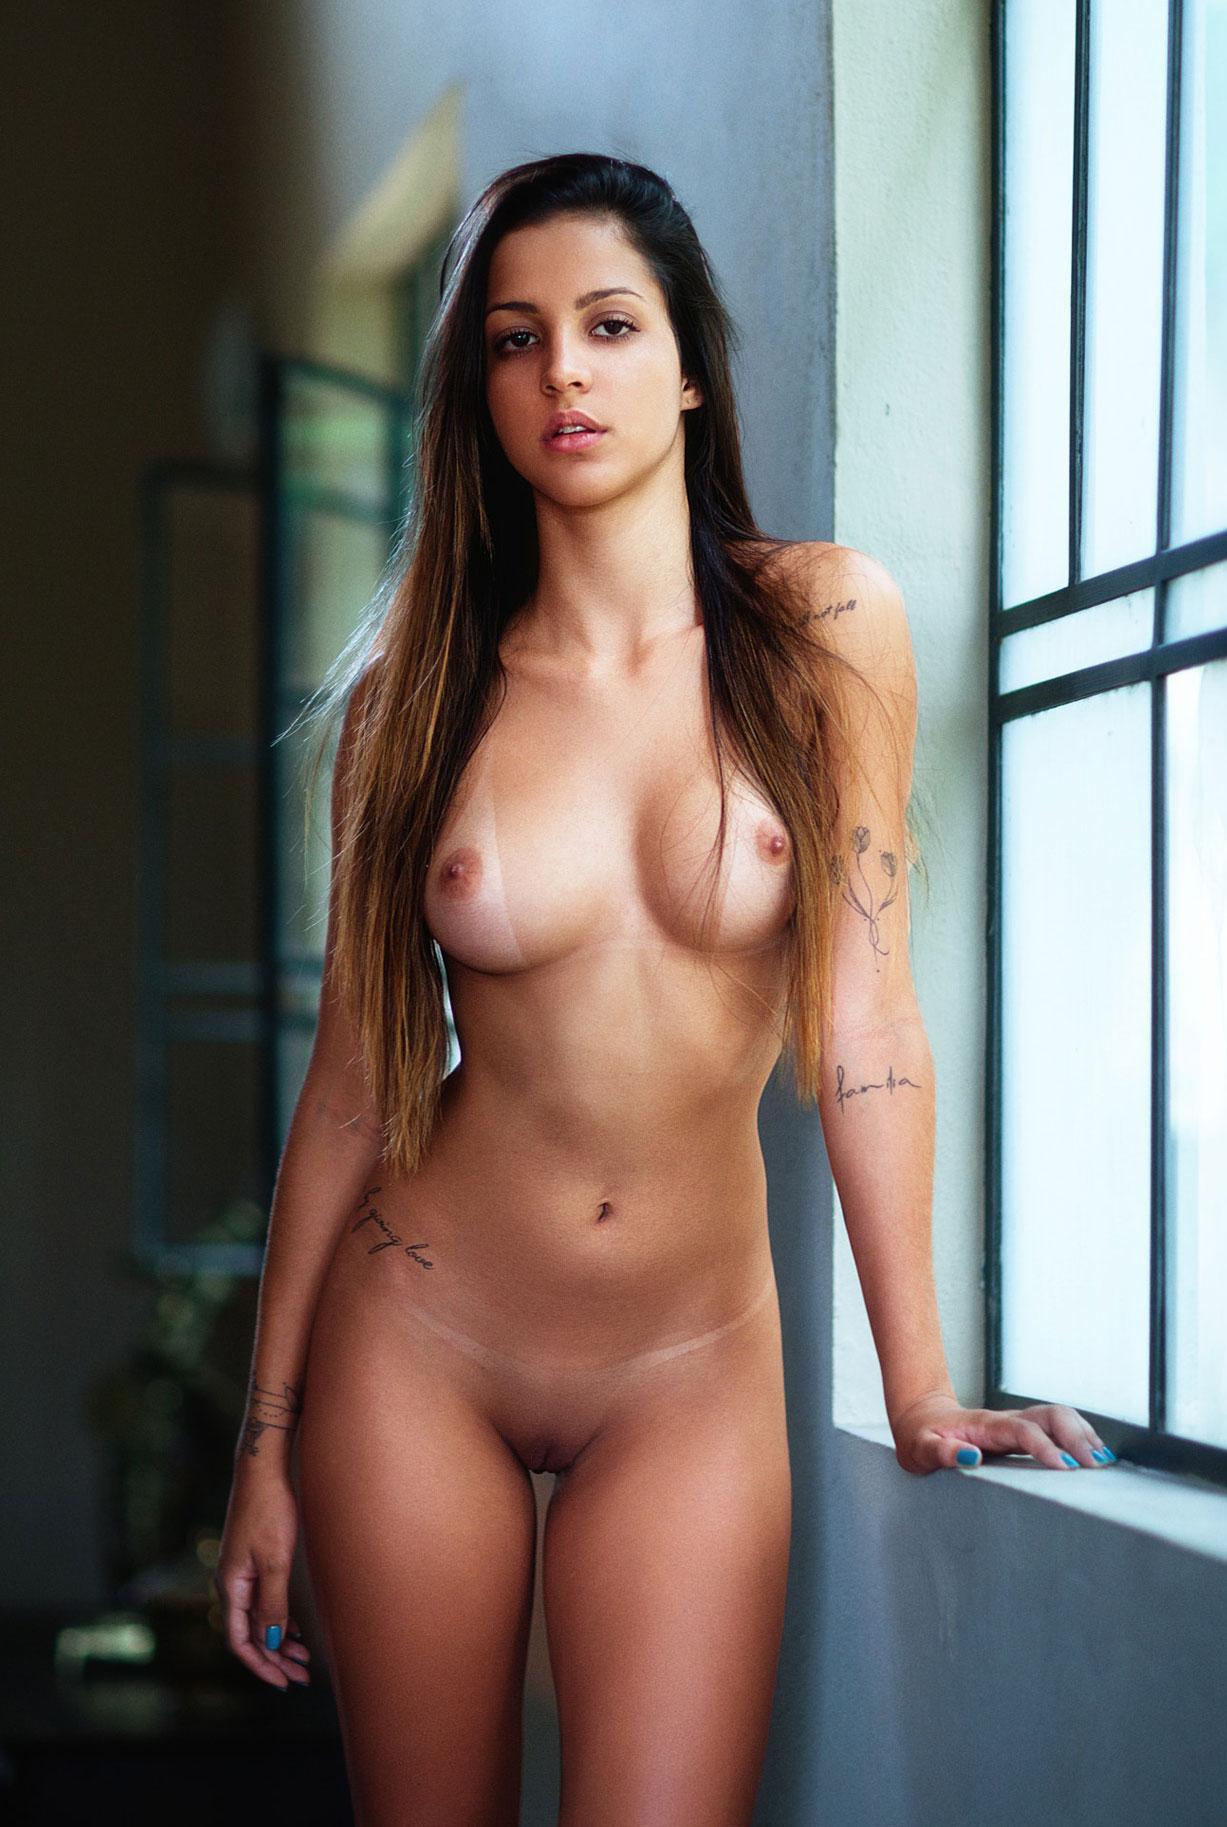 подборка фотографий сексуальных голых девушек - Anna